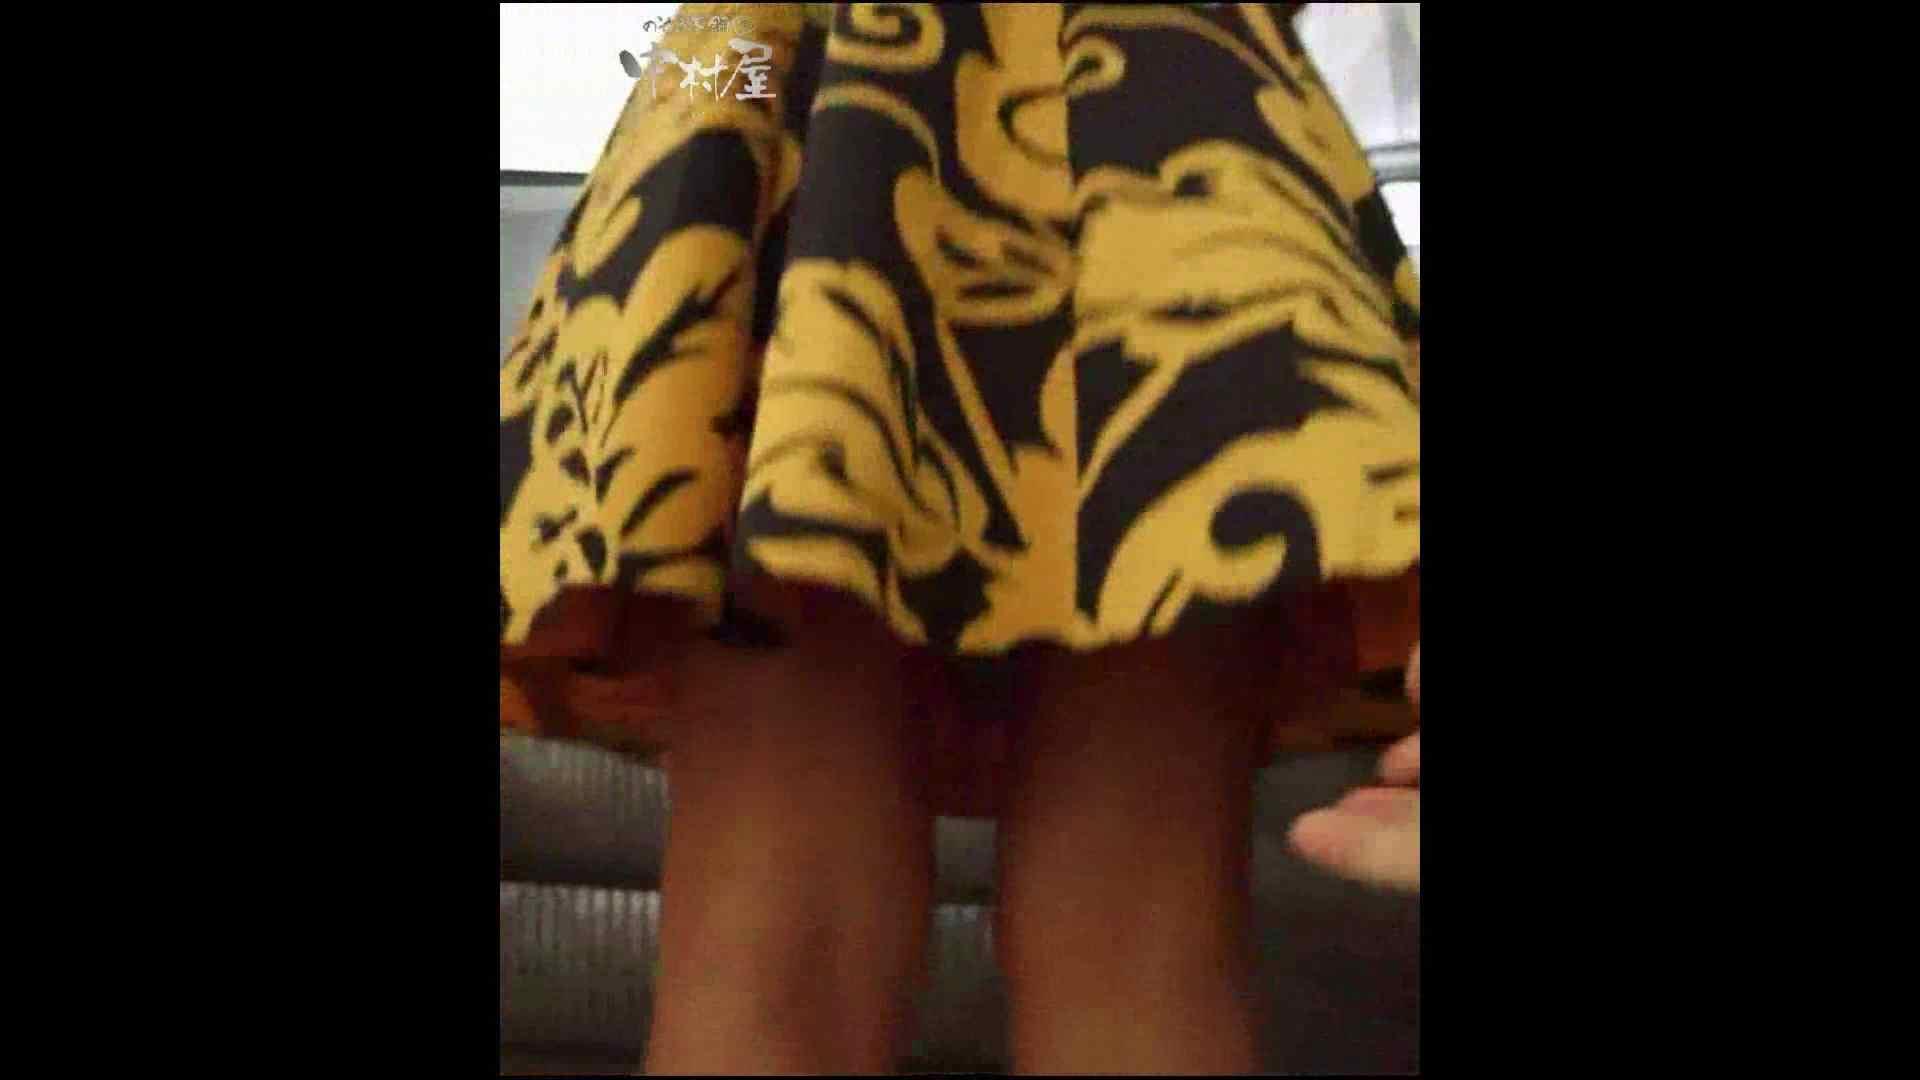 綺麗なモデルさんのスカート捲っちゃおう‼ vol21 OL女体 | お姉さん  49連発 45